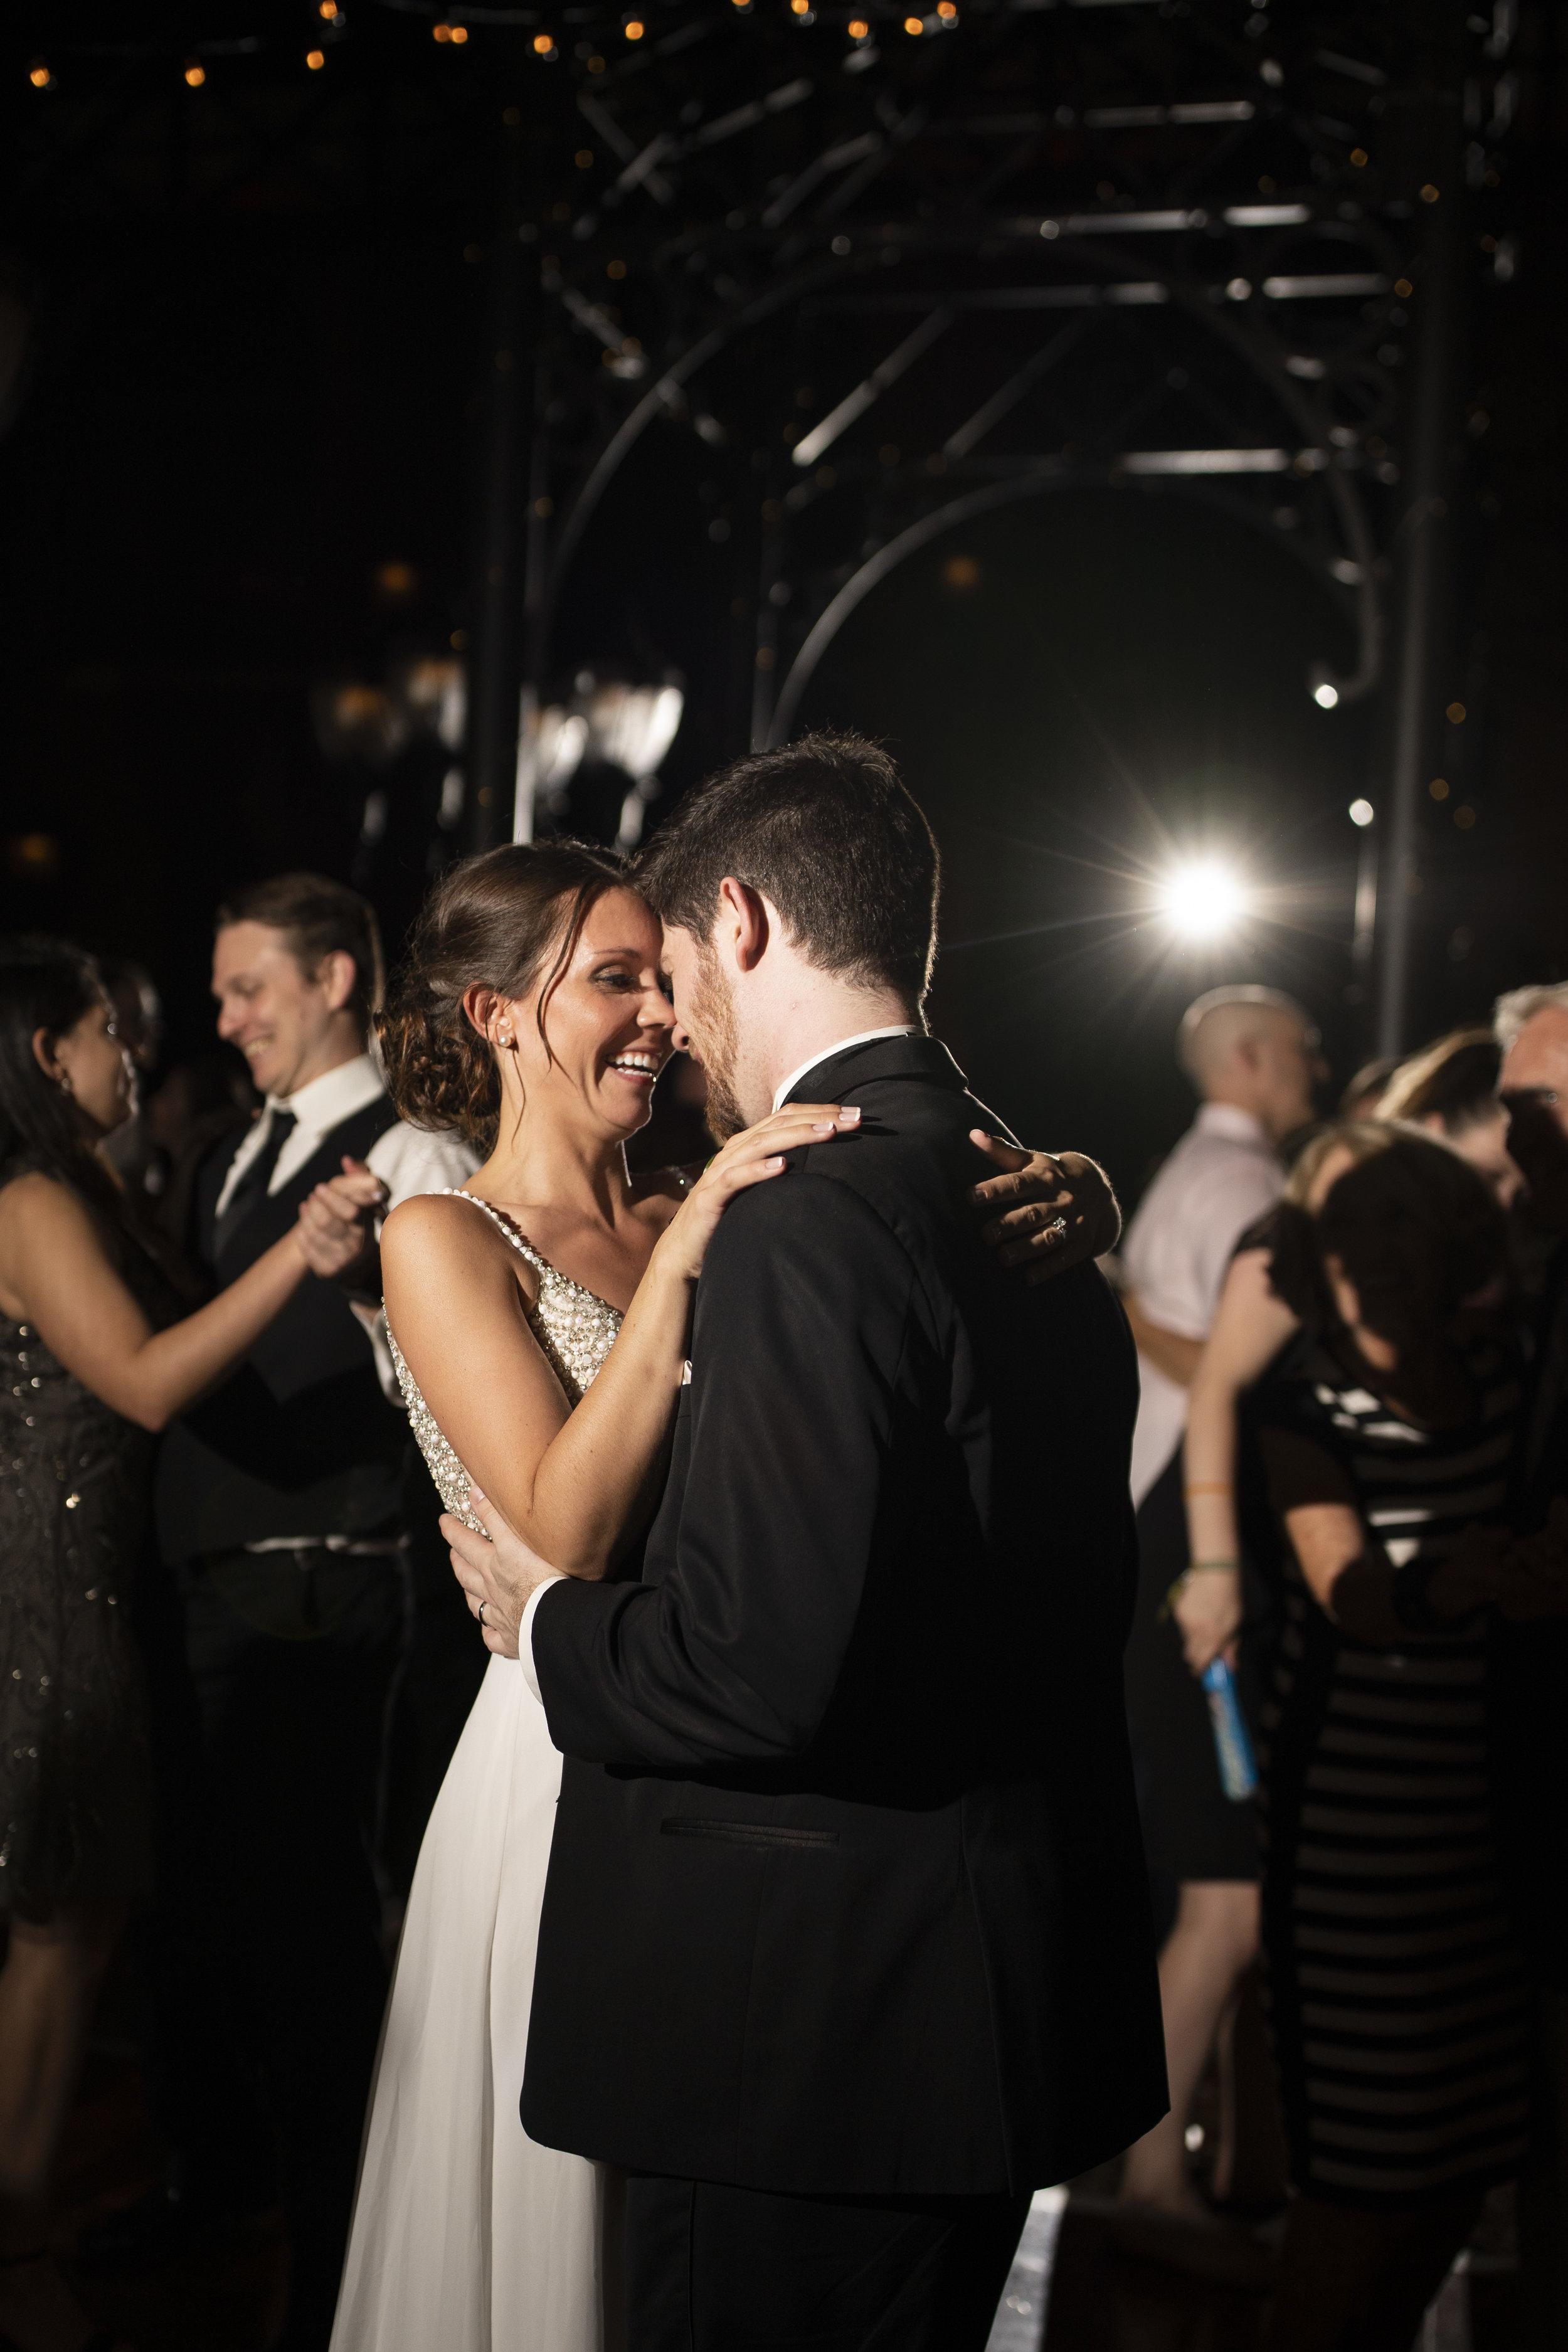 shareyah_John_detroit_wedding_preview_073.JPG